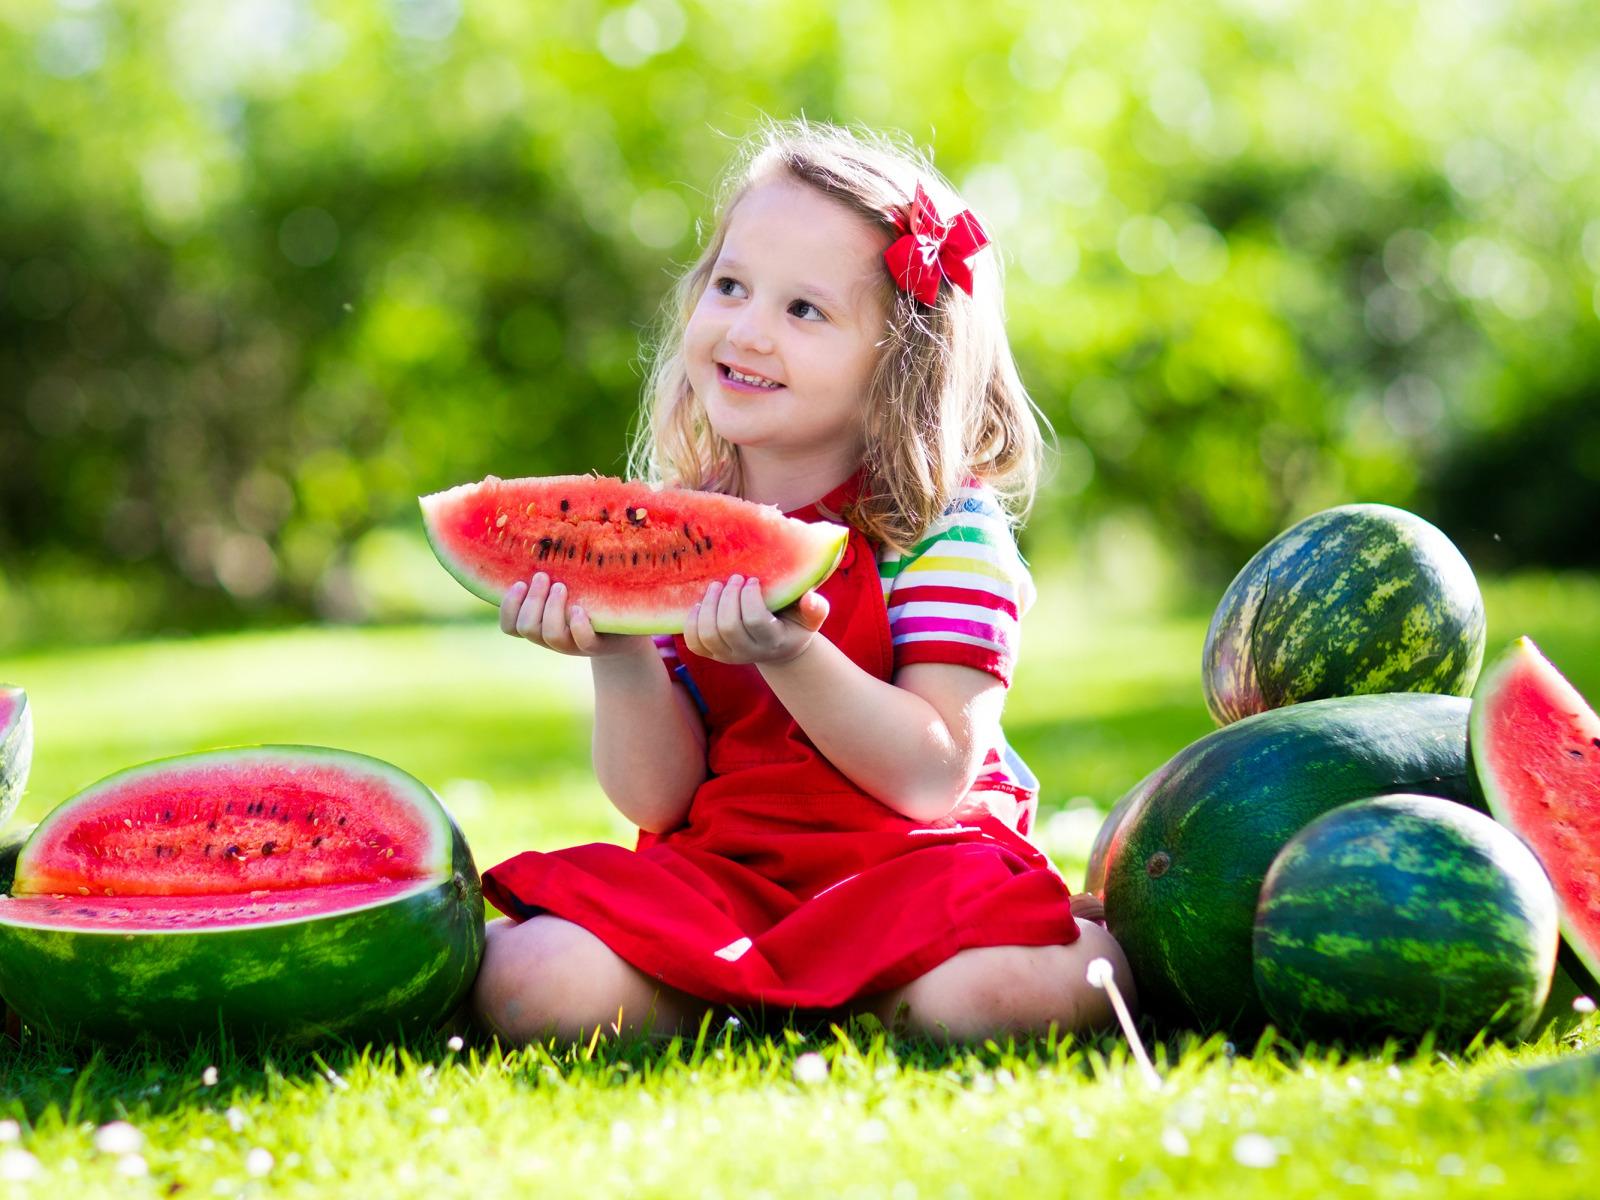 Картинка ребенок ест арбуз